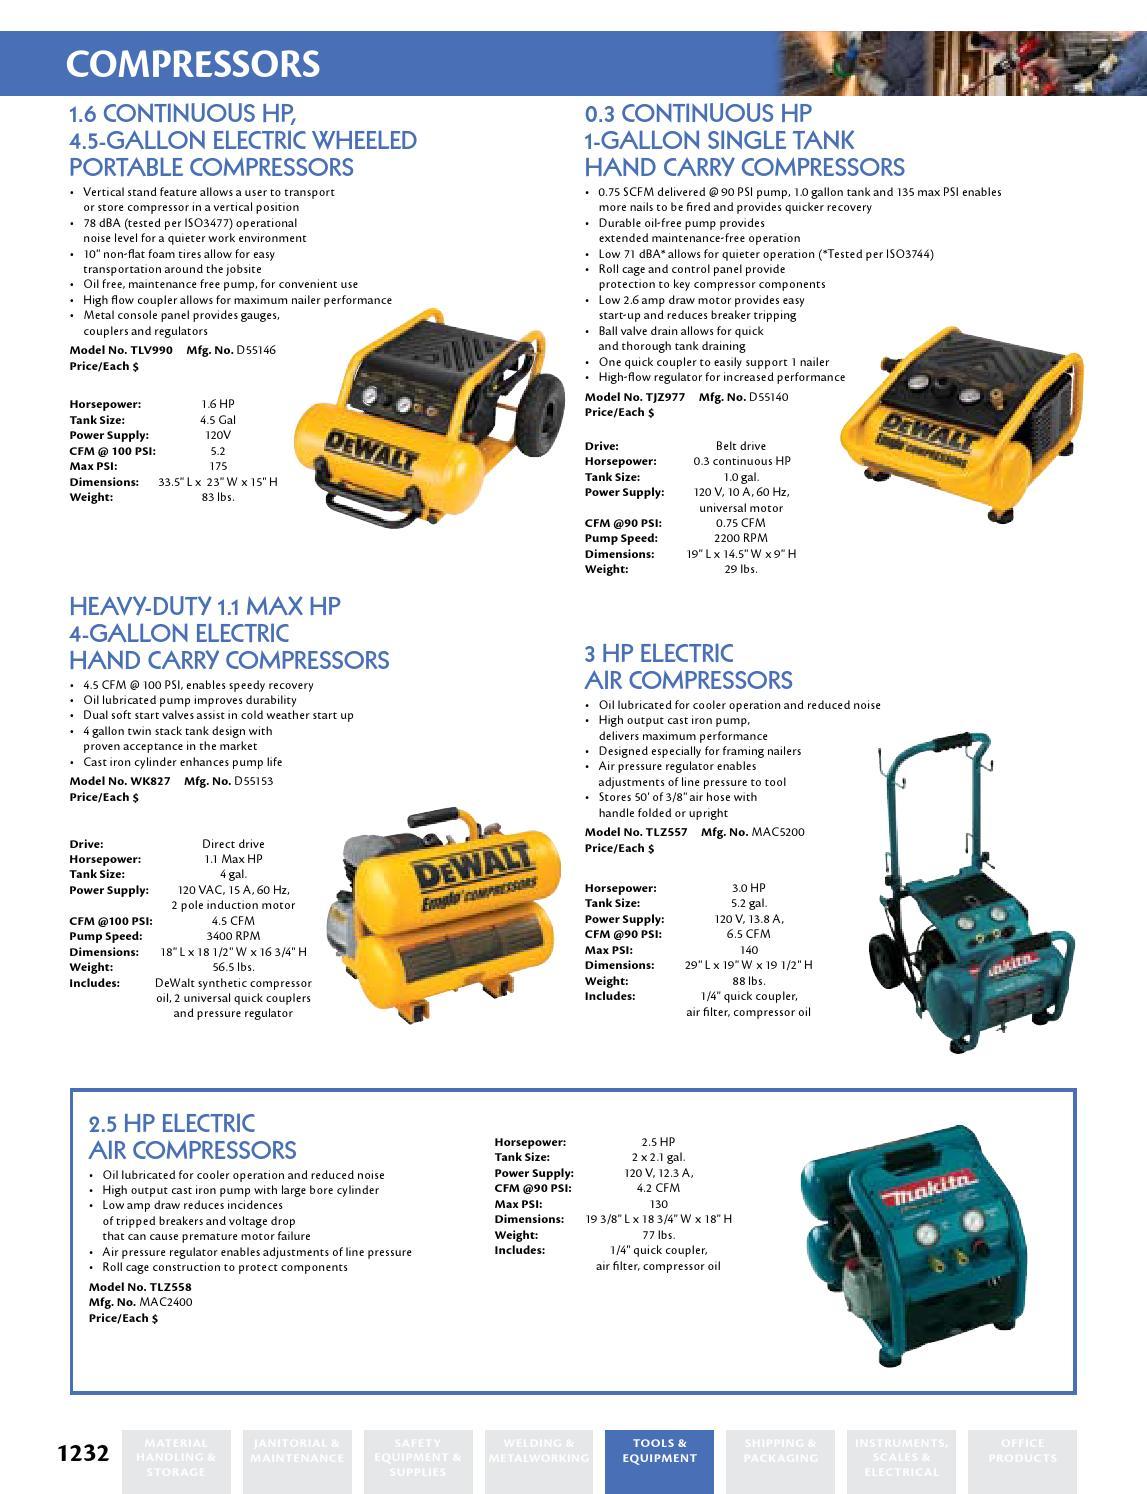 Tools & Equipment P1128-1367